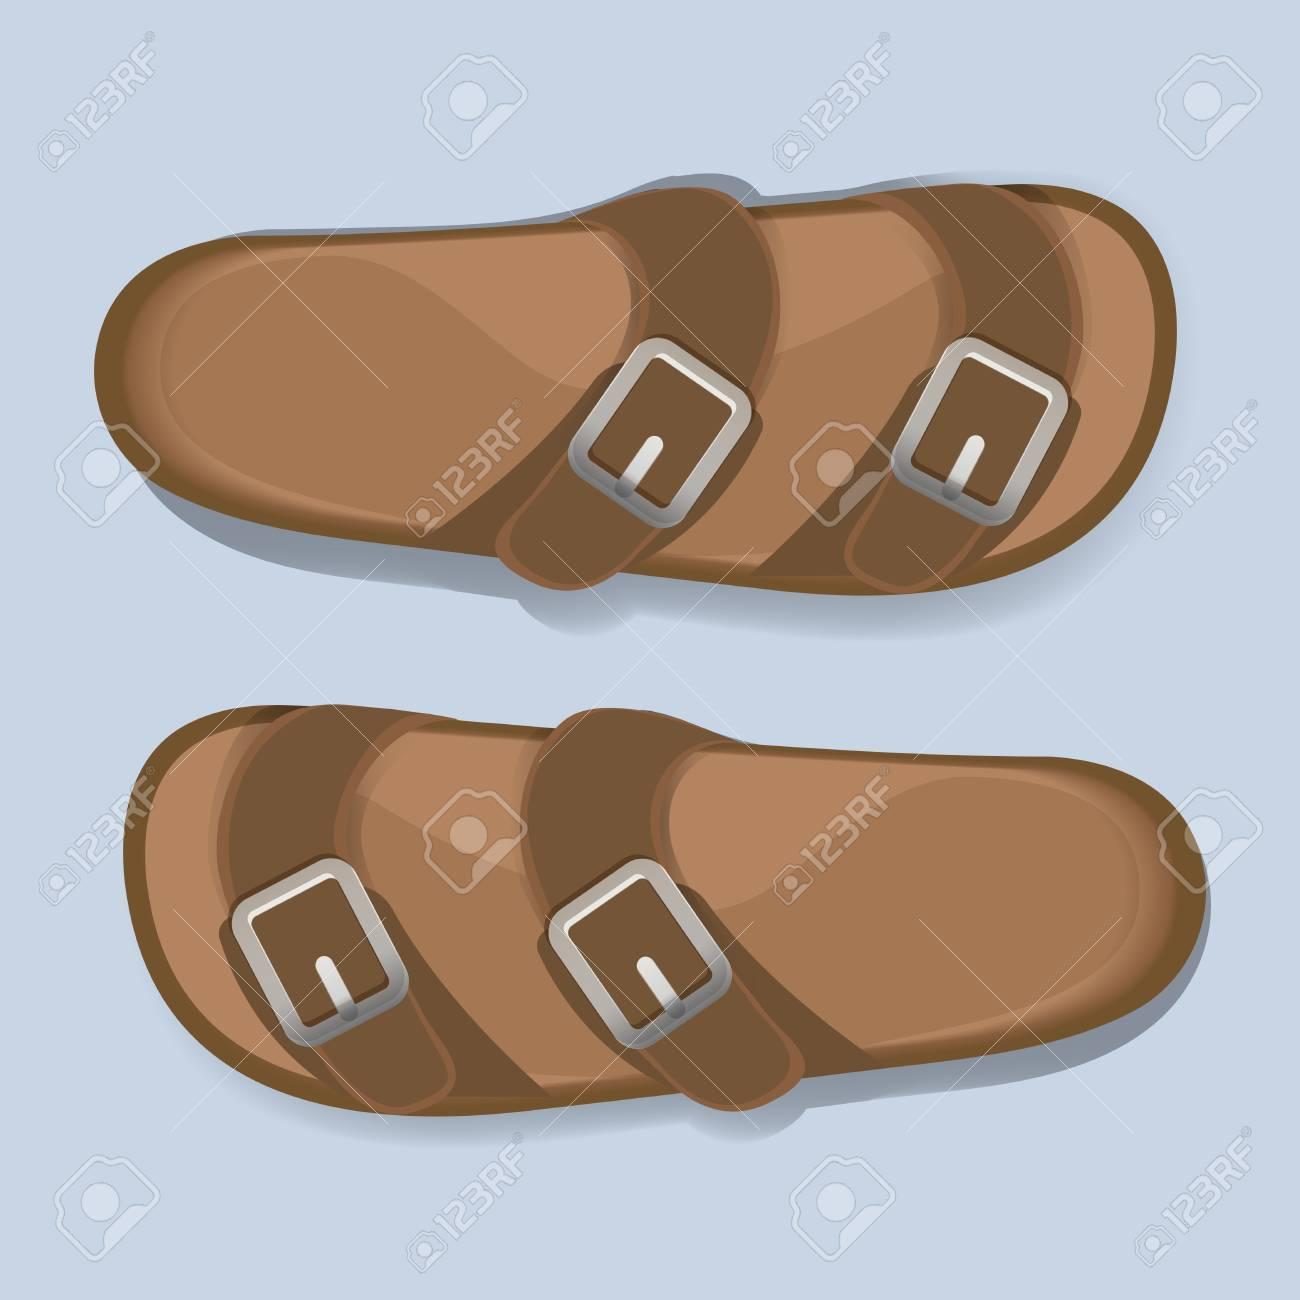 Zapatos De Sandalias Casuales Hombre Marrón Flip Flop Ilustraciones ...